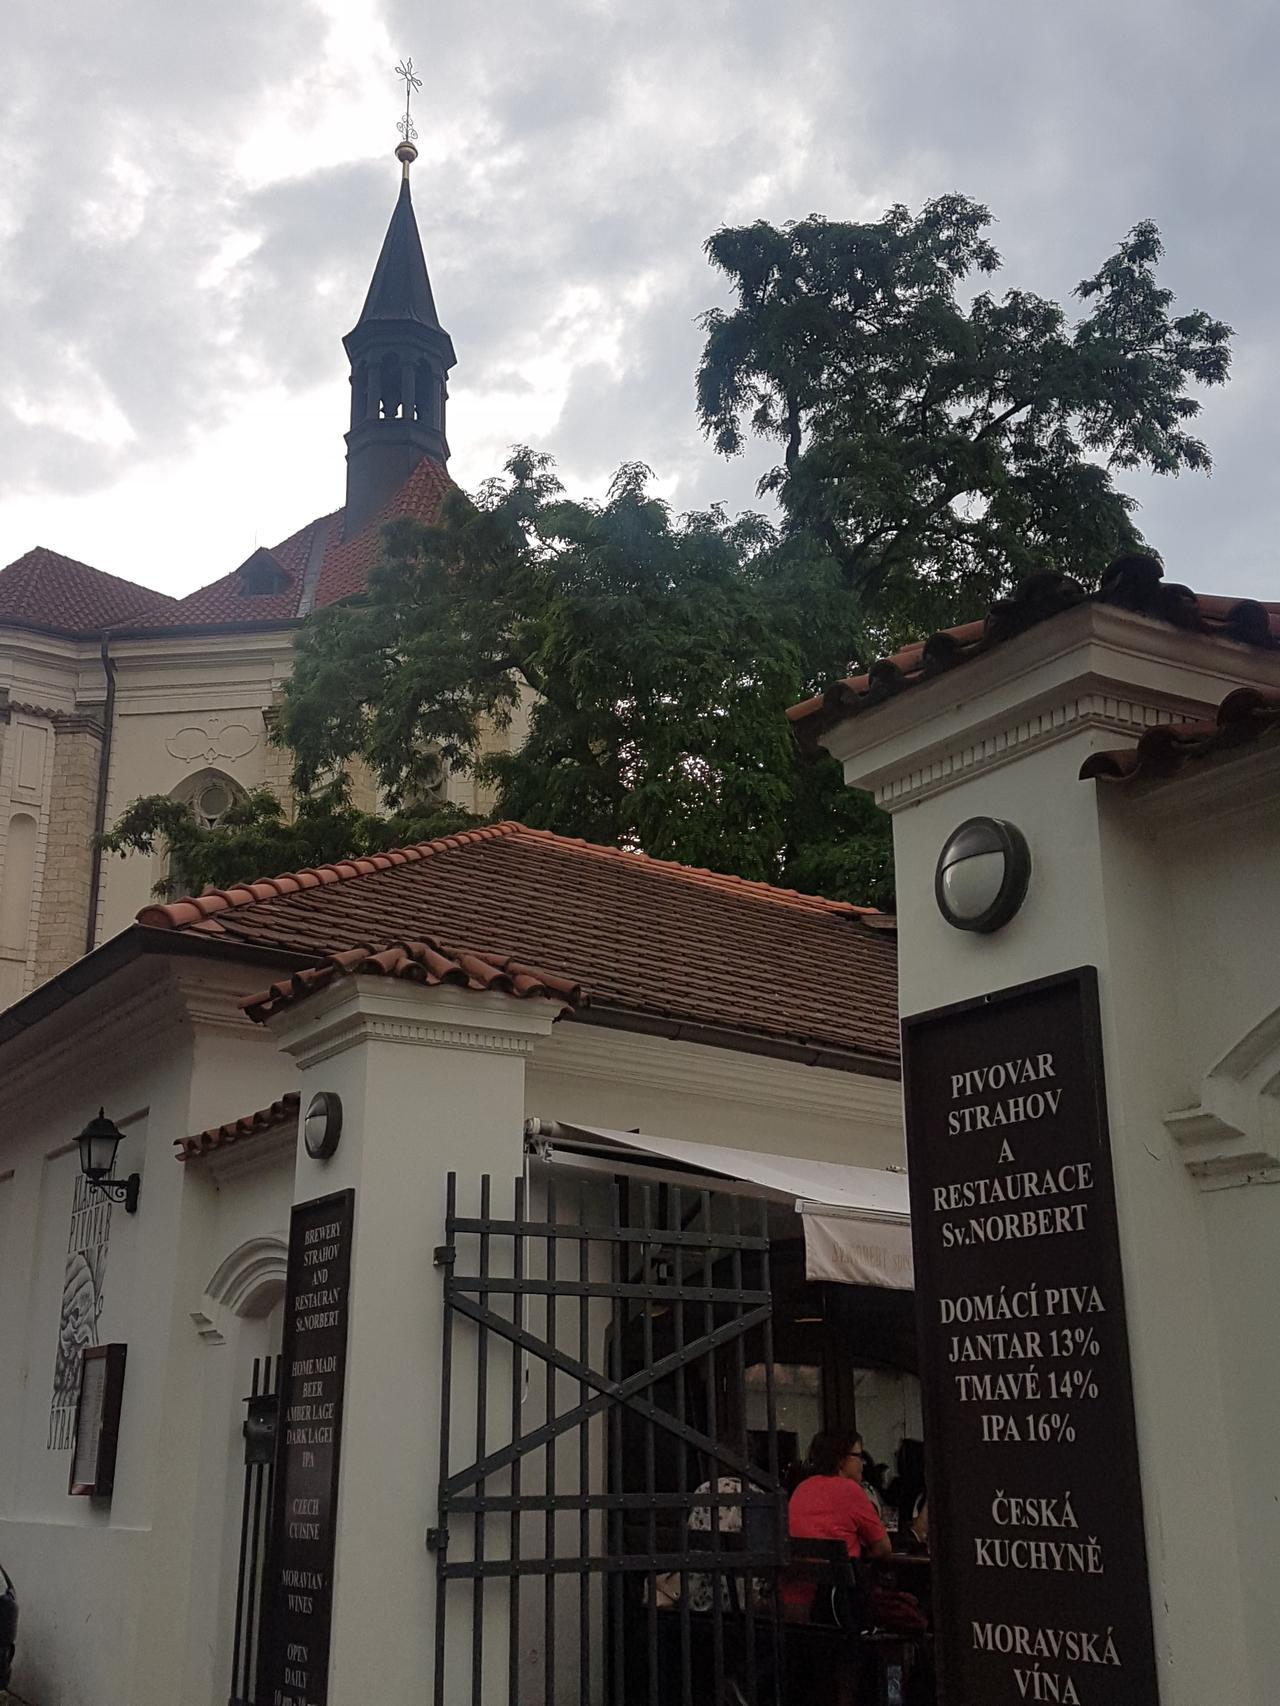 Restauracja Sv Norbert Strahov